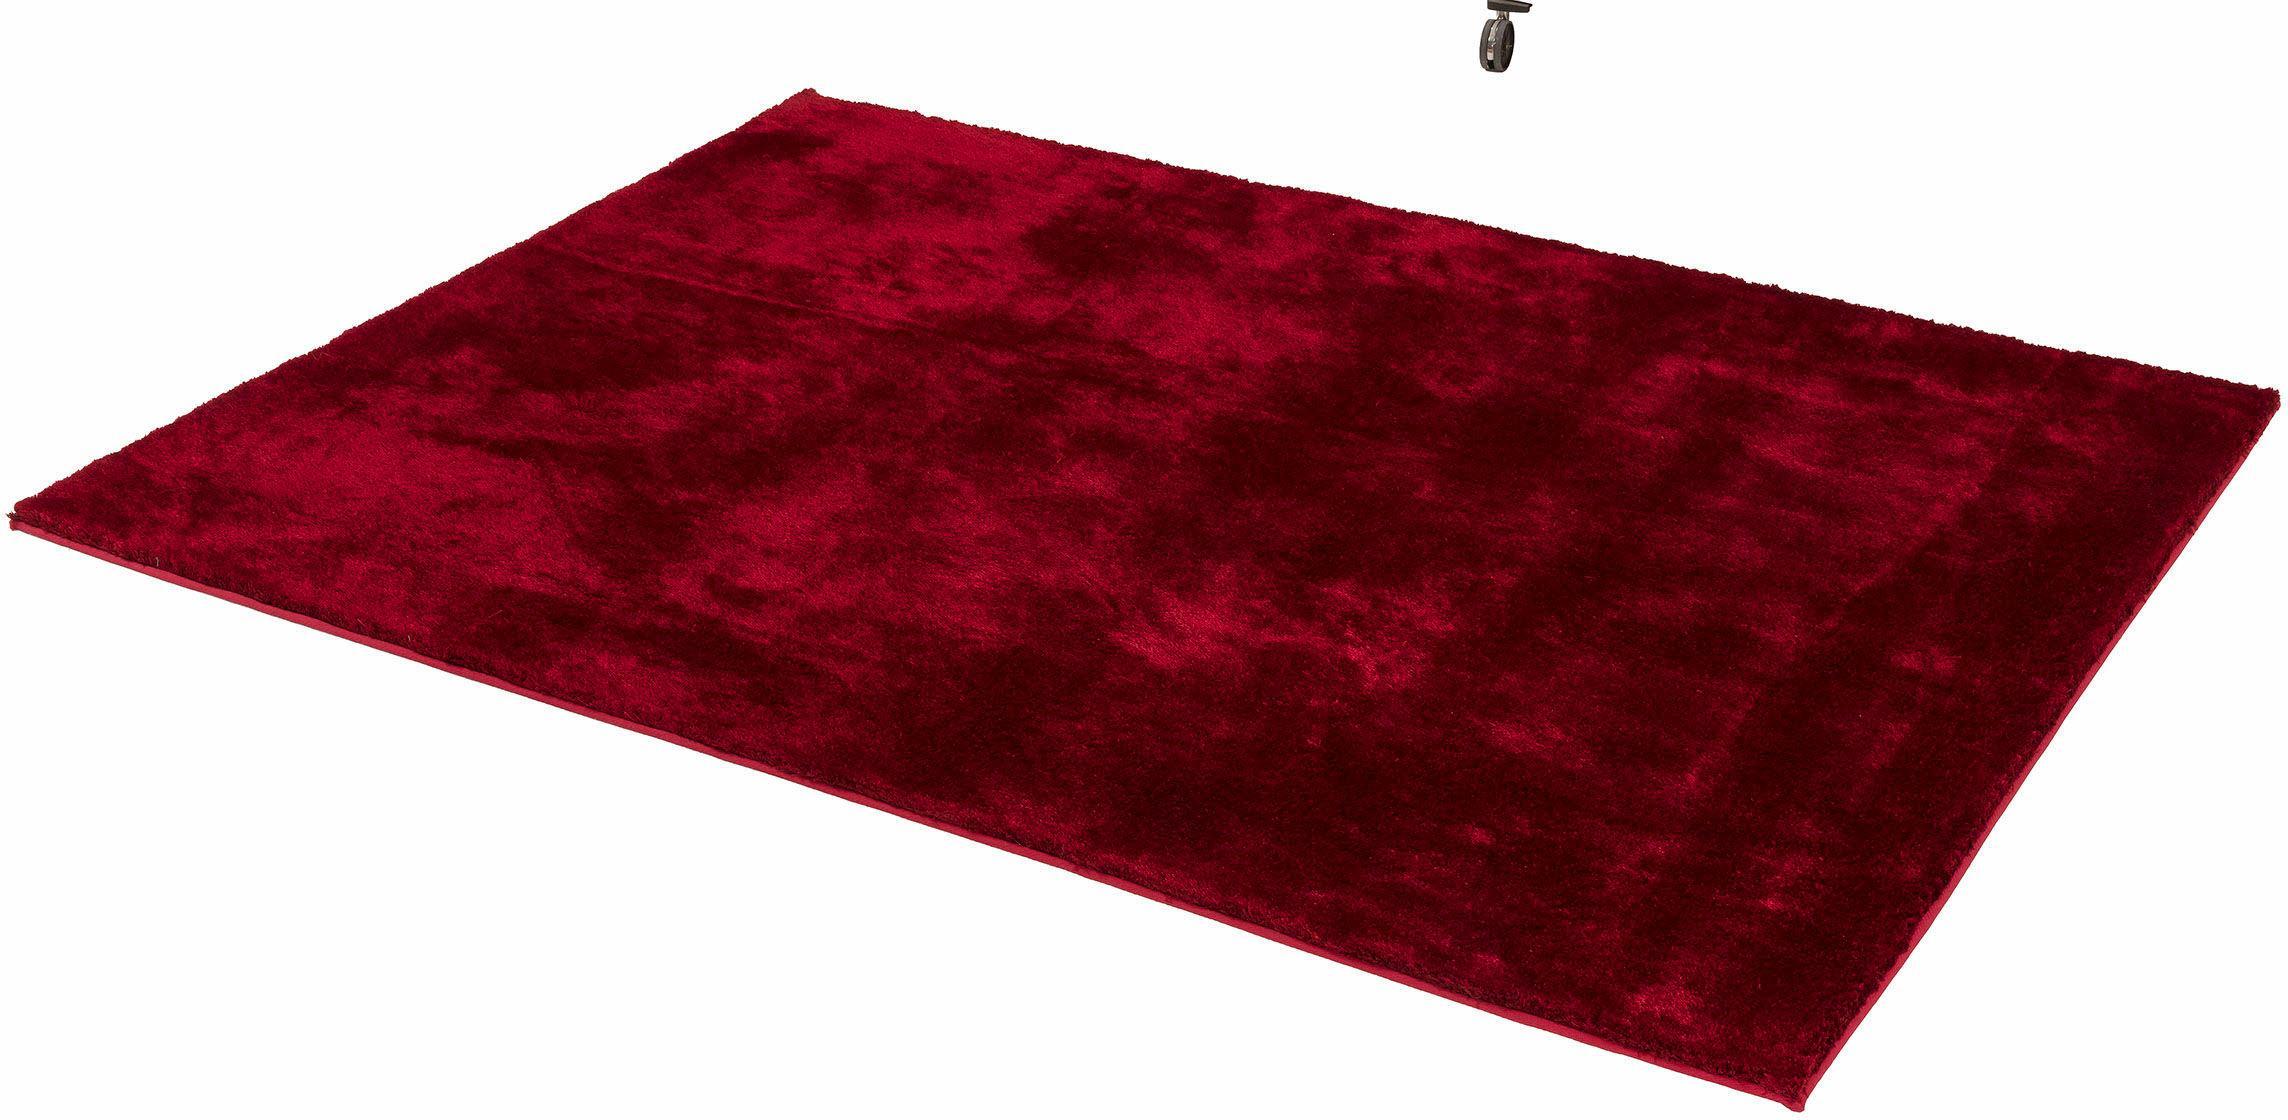 Hochflor-Teppich New Elegance SCHÖNER WOHNEN-Kollektion rechteckig Höhe 30 mm maschinell getuftet